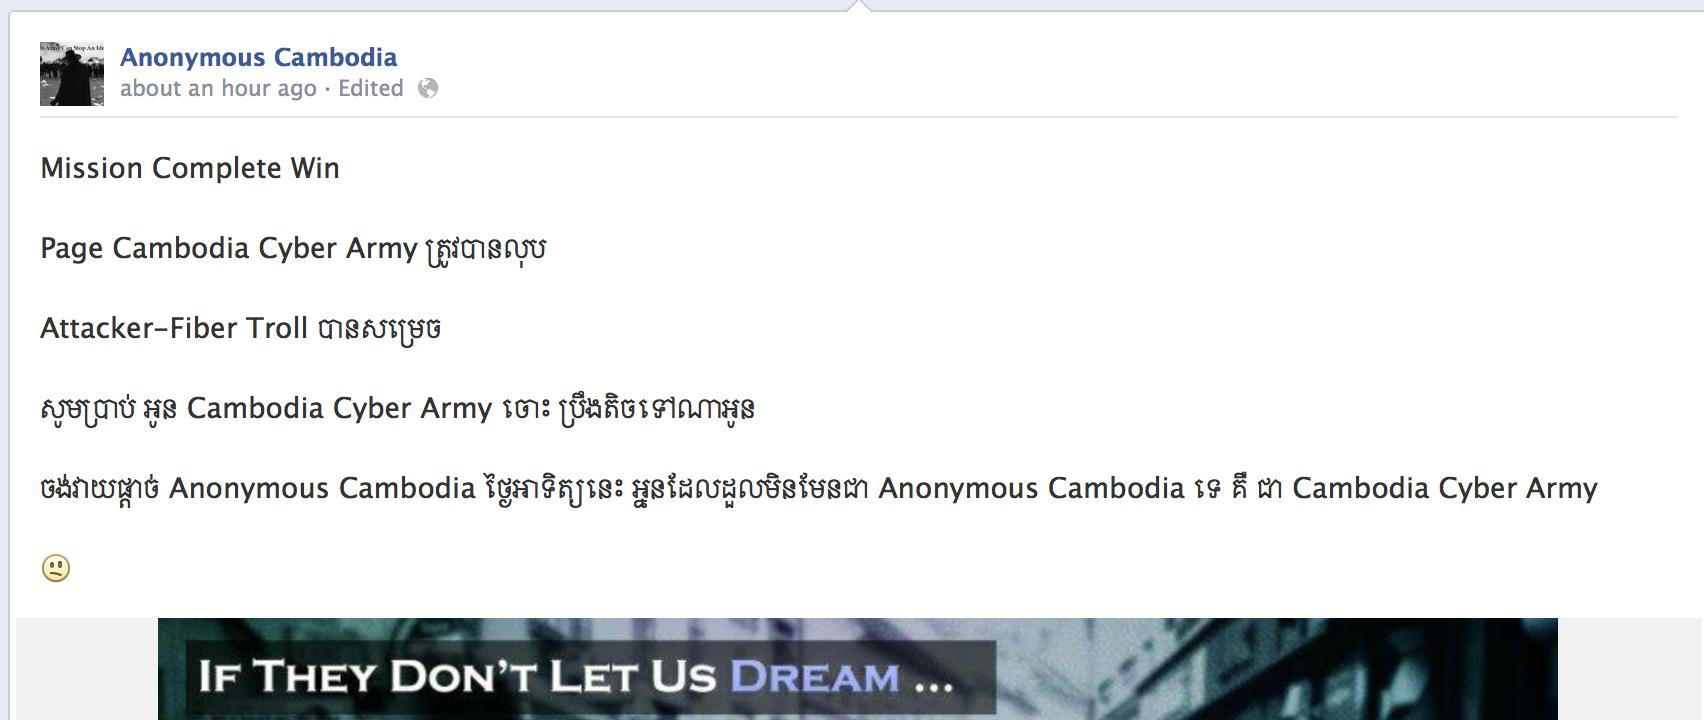 ទំព័ររបស់ក្រុម Anonymous Cambodia ដែលបញ្ជាក់ថាទំព័ររបស់ CCA ត្រូវបានលប់